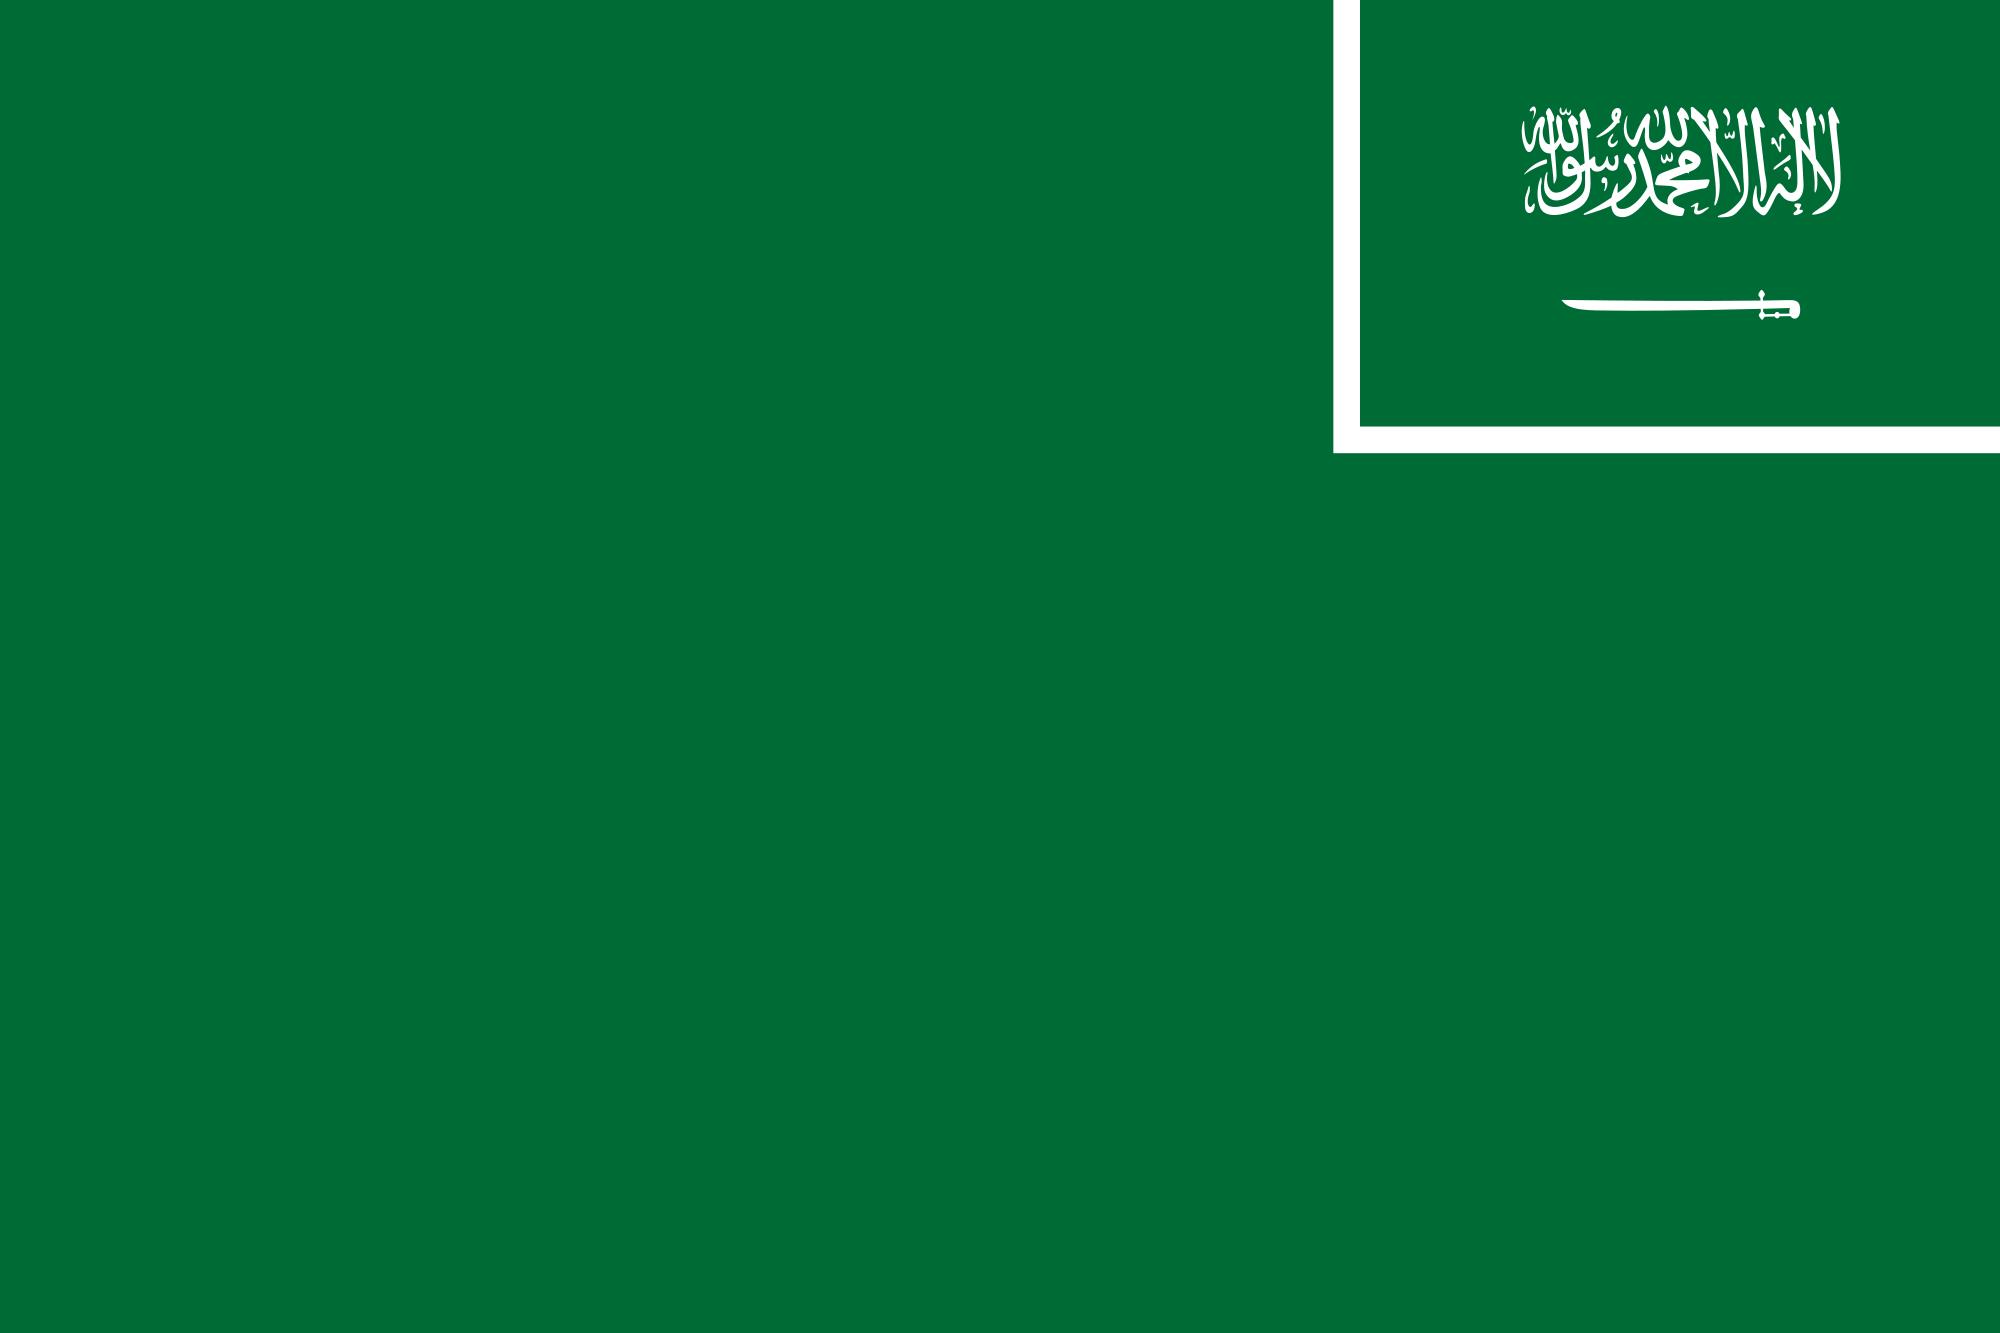 Saudi Arabia (Civil ensign)